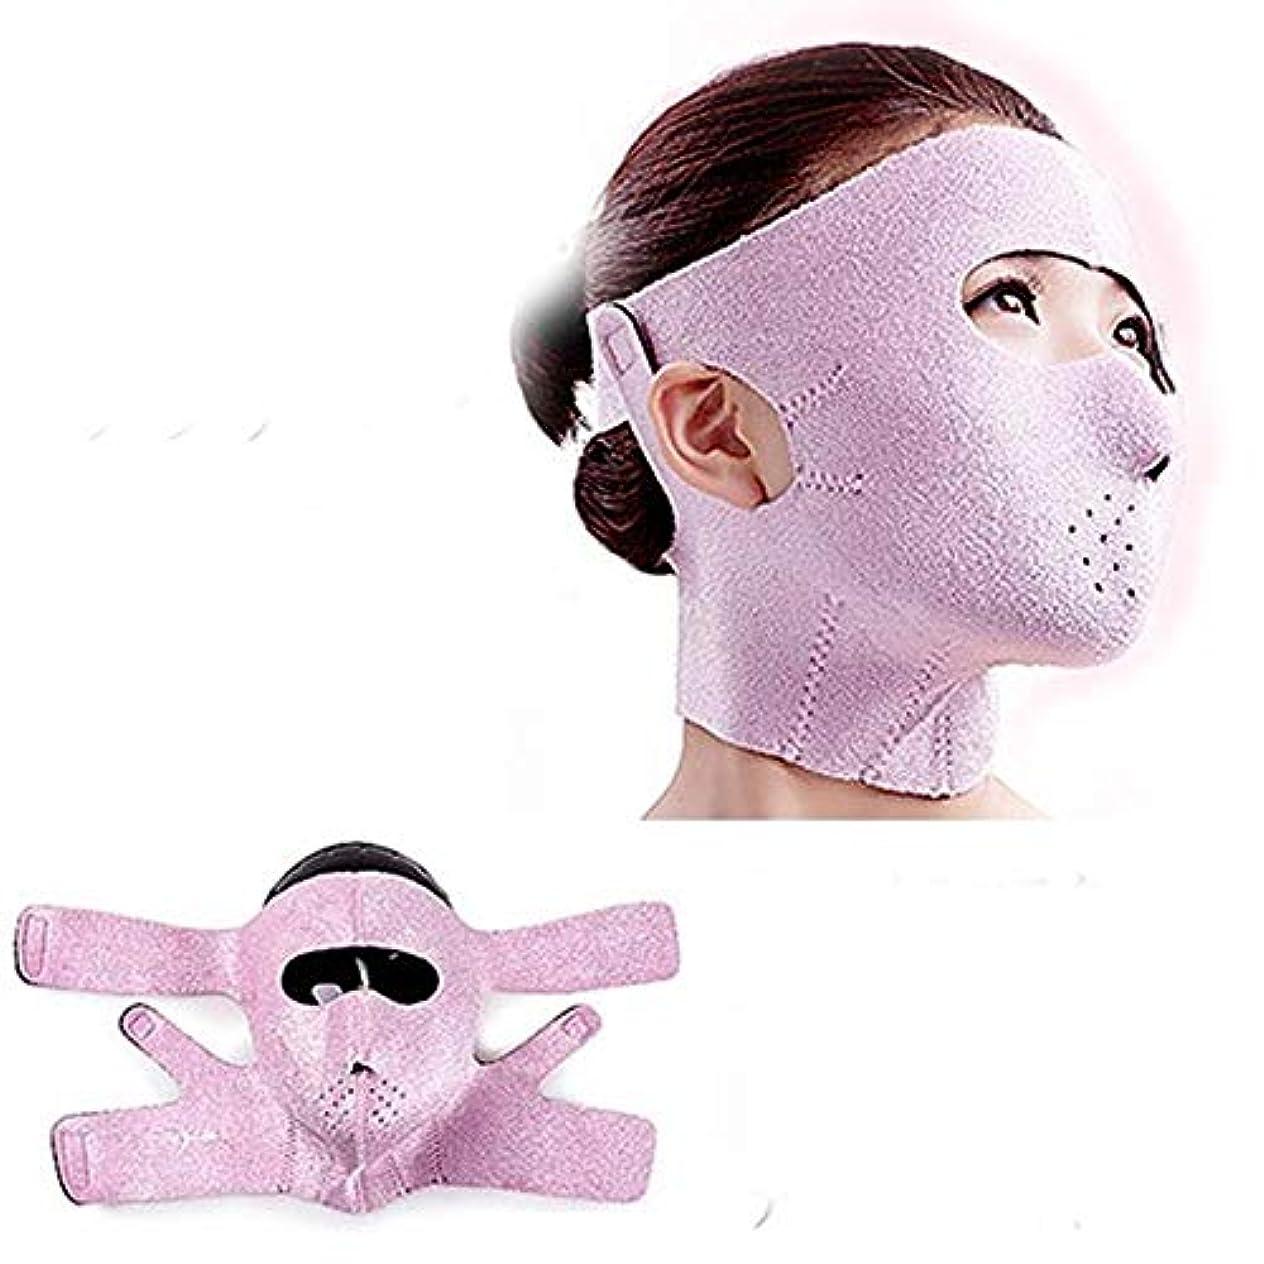 トーク限りなく突破口小顔 矯正 補正 サウナ マスク サポーター 顔 リフトアップ エステ ダイエット